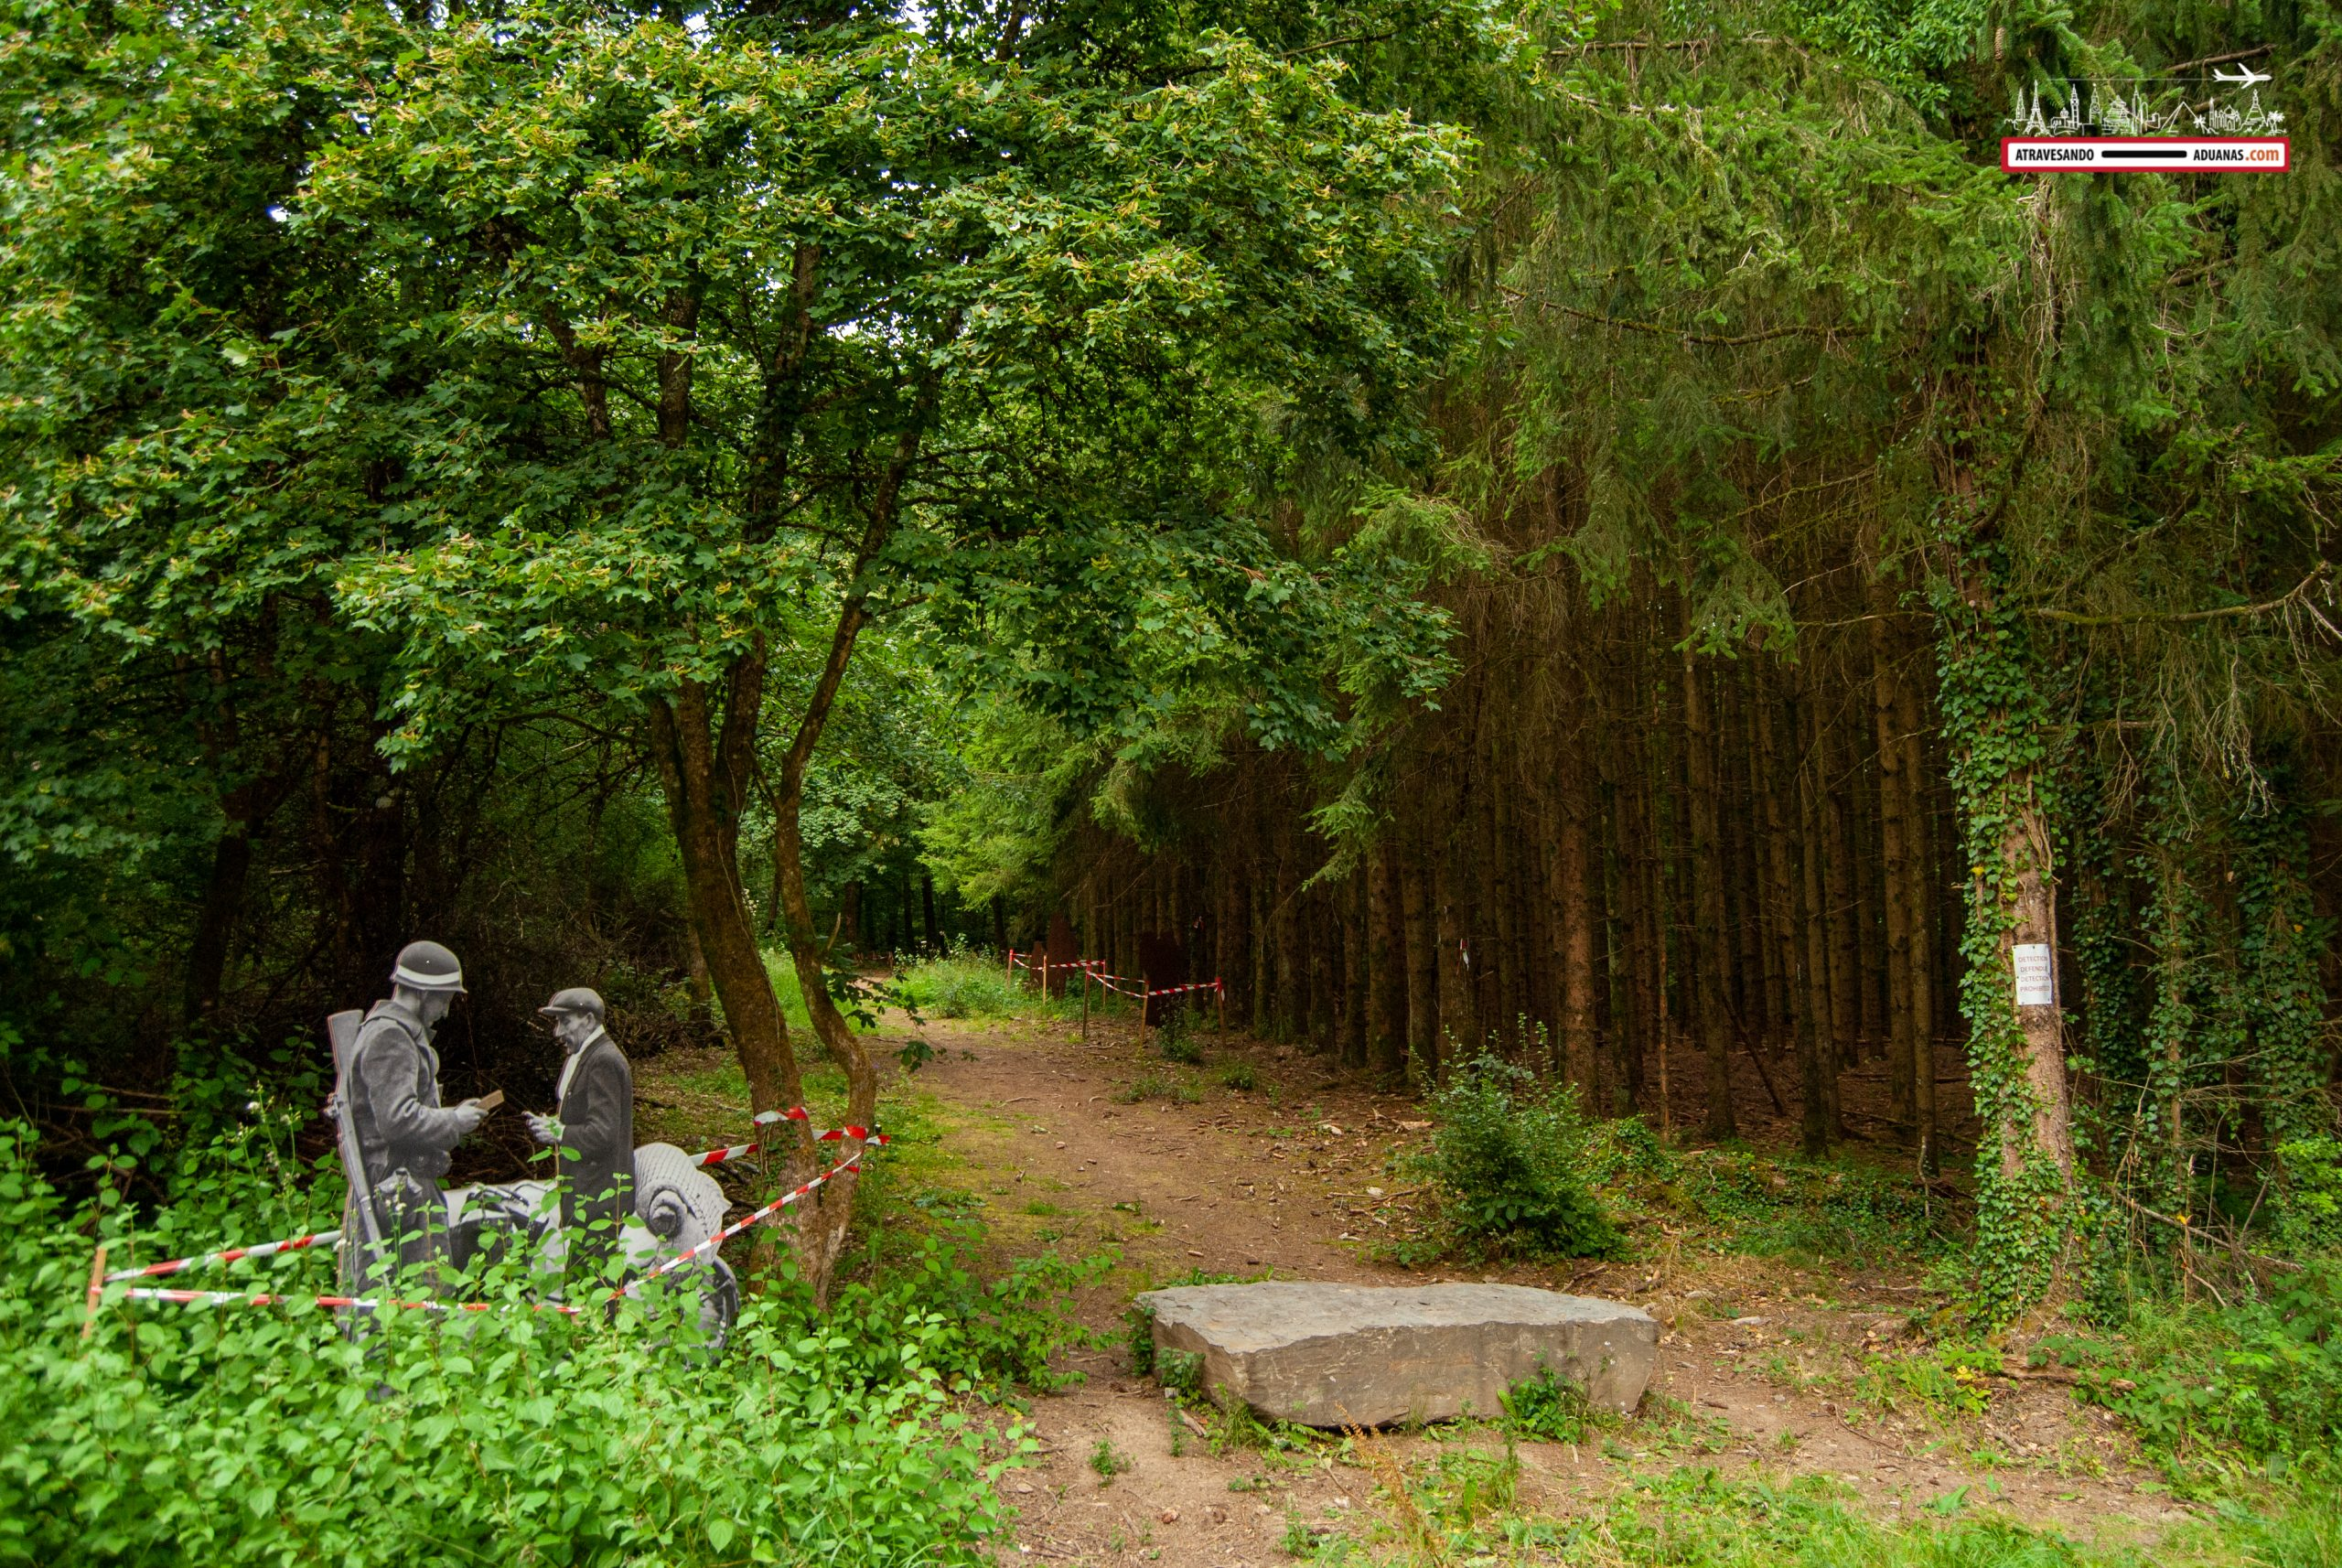 Recreación en el Memorial Trail de las Ardenas, Luxemburgo